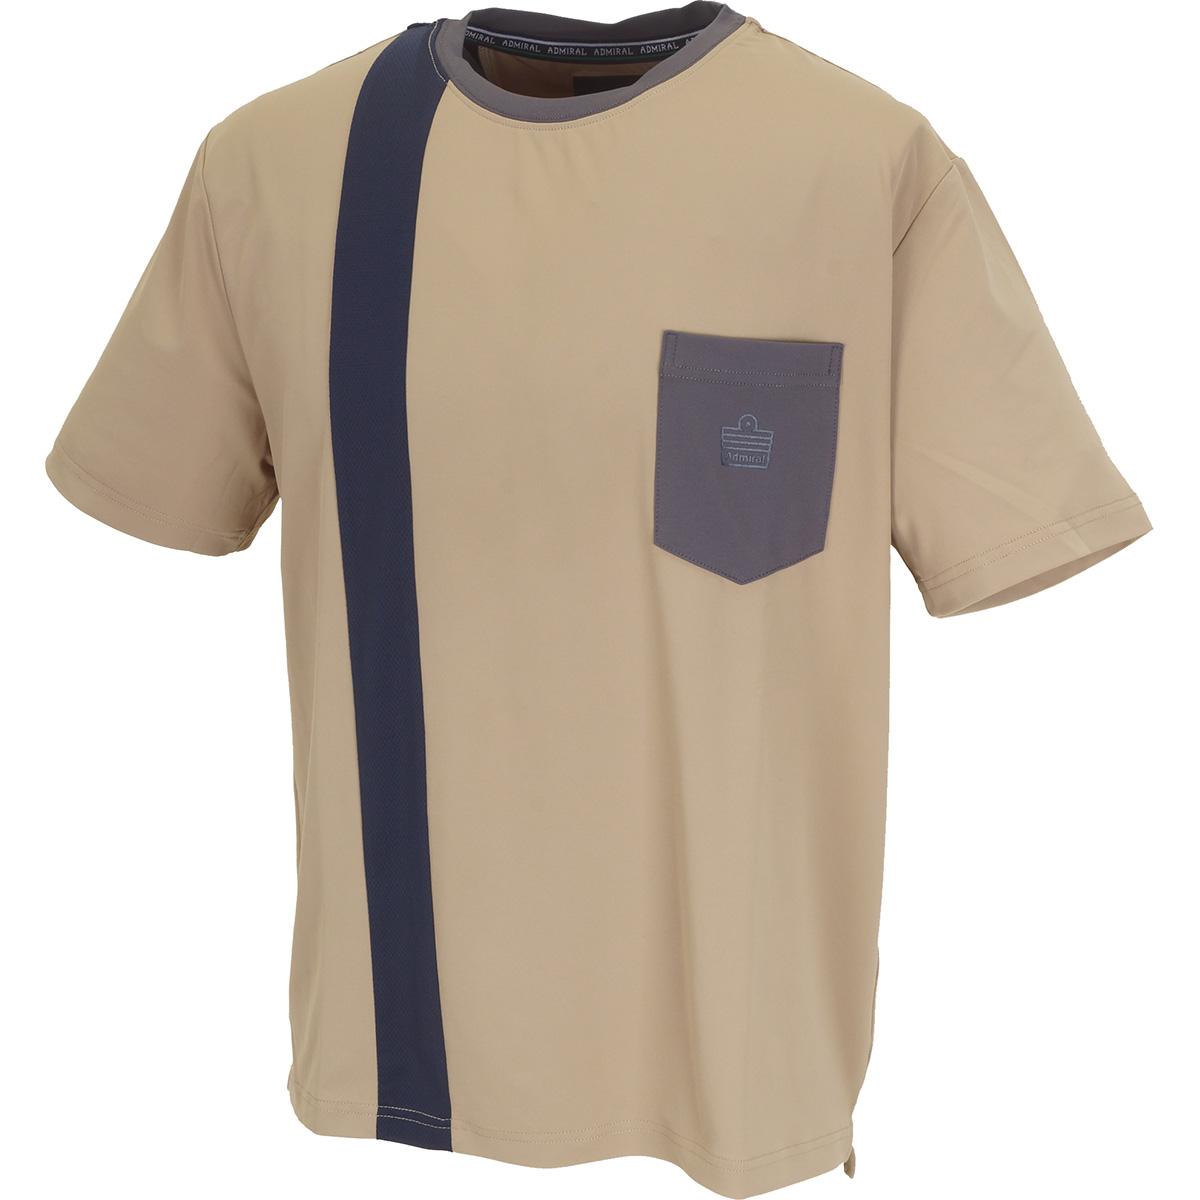 ヴァーティカルロゴ プラクティス半袖Tシャツ